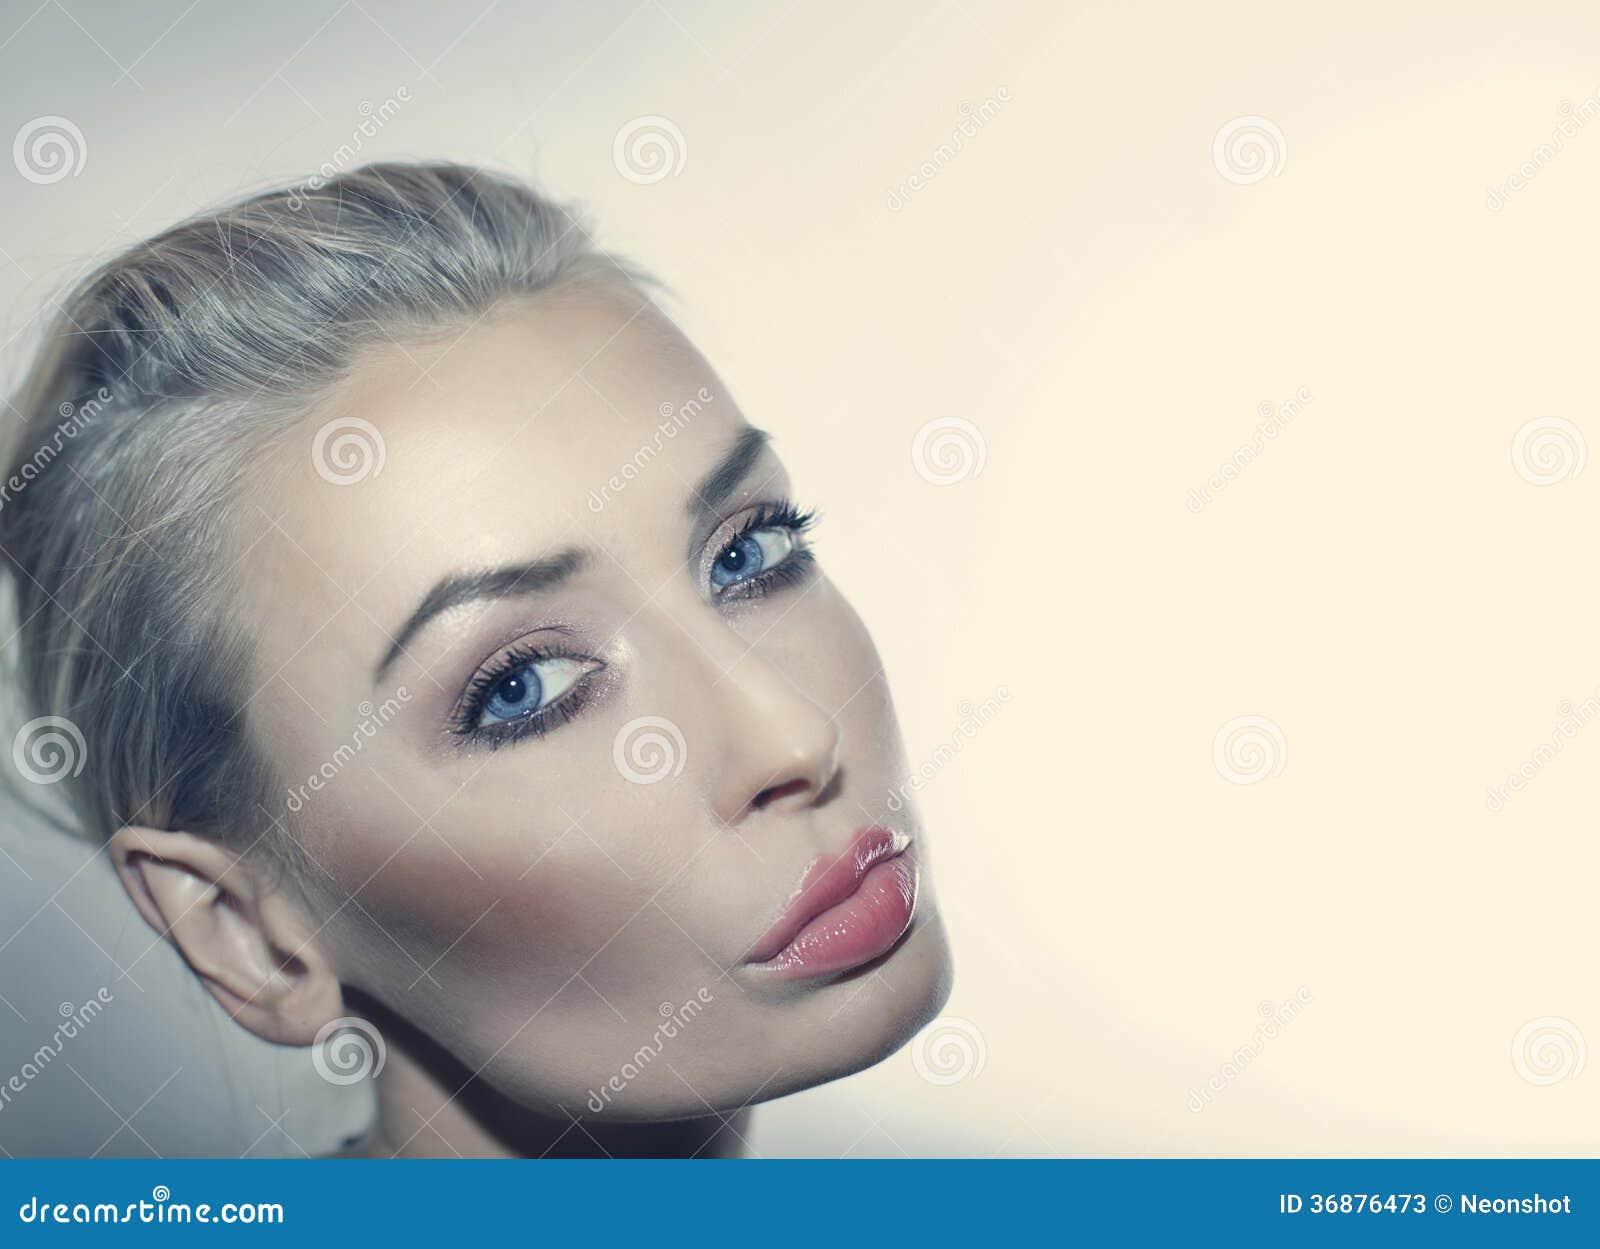 Download Ritratto Di Bellezza Della Donna Attraente. Immagine Stock - Immagine di modo, caucasico: 36876473